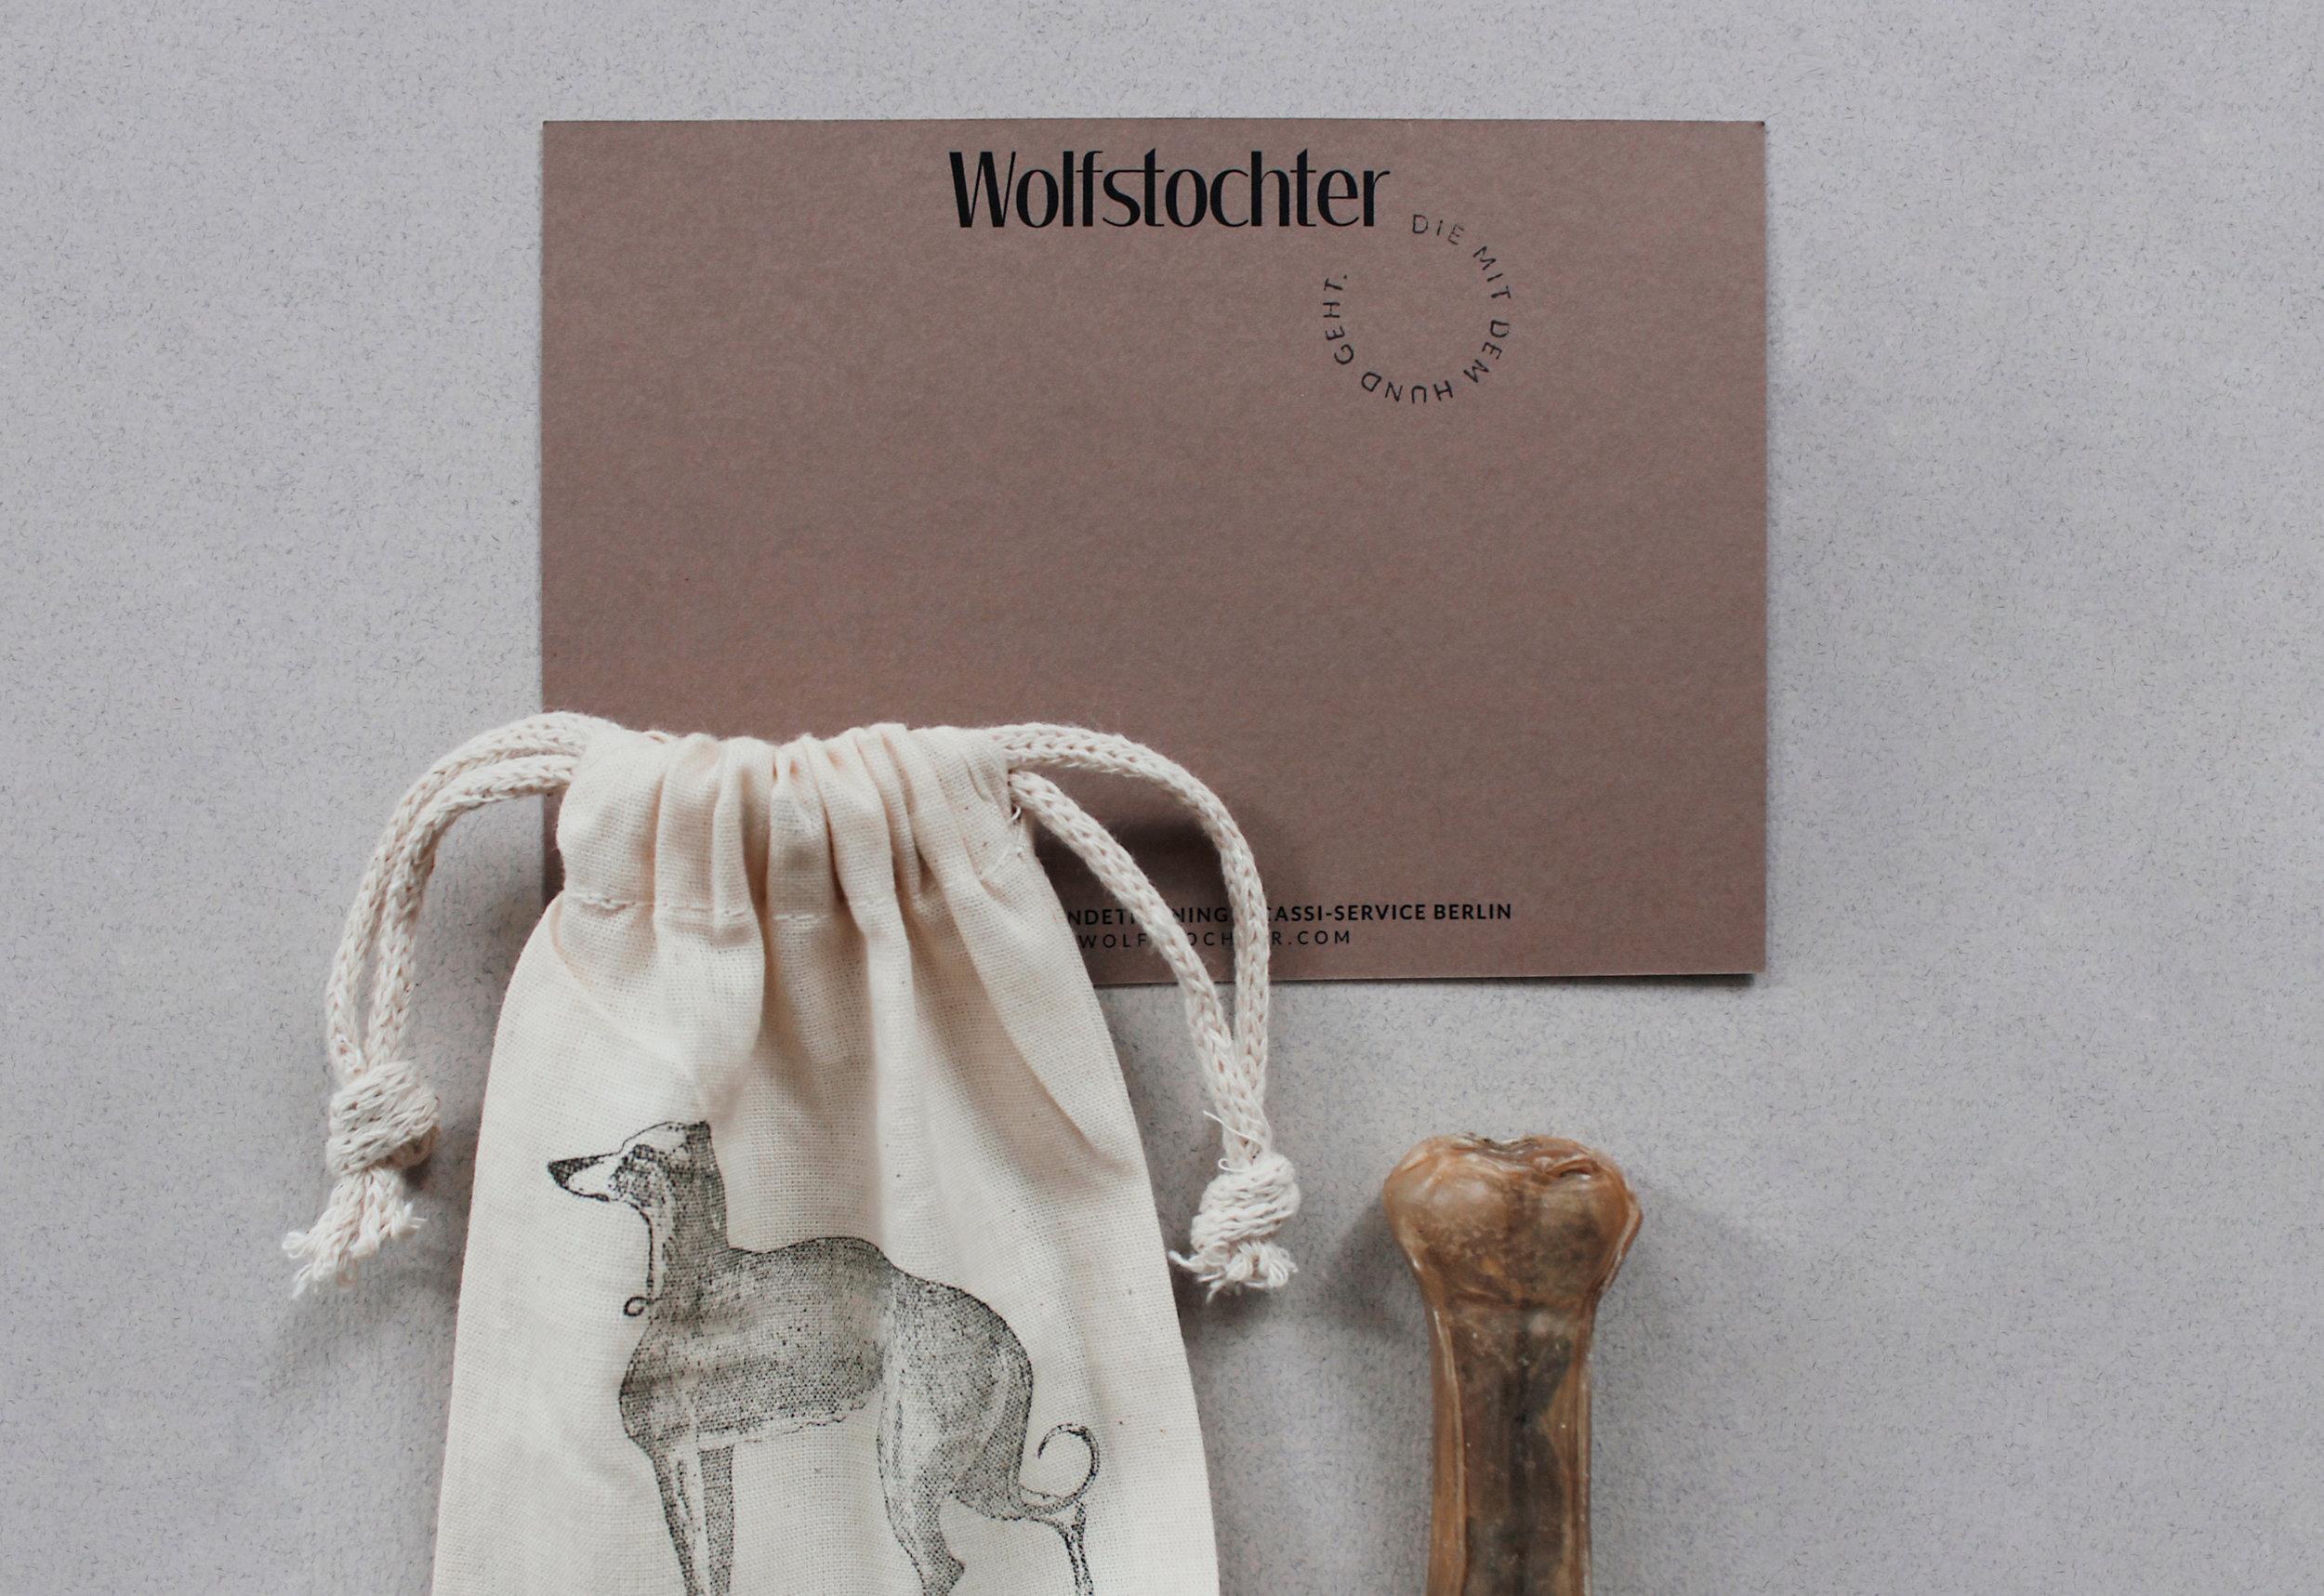 Wolfstochter_Studio_L_Livia_Ritthaler_Goddy_Bag2.jpg